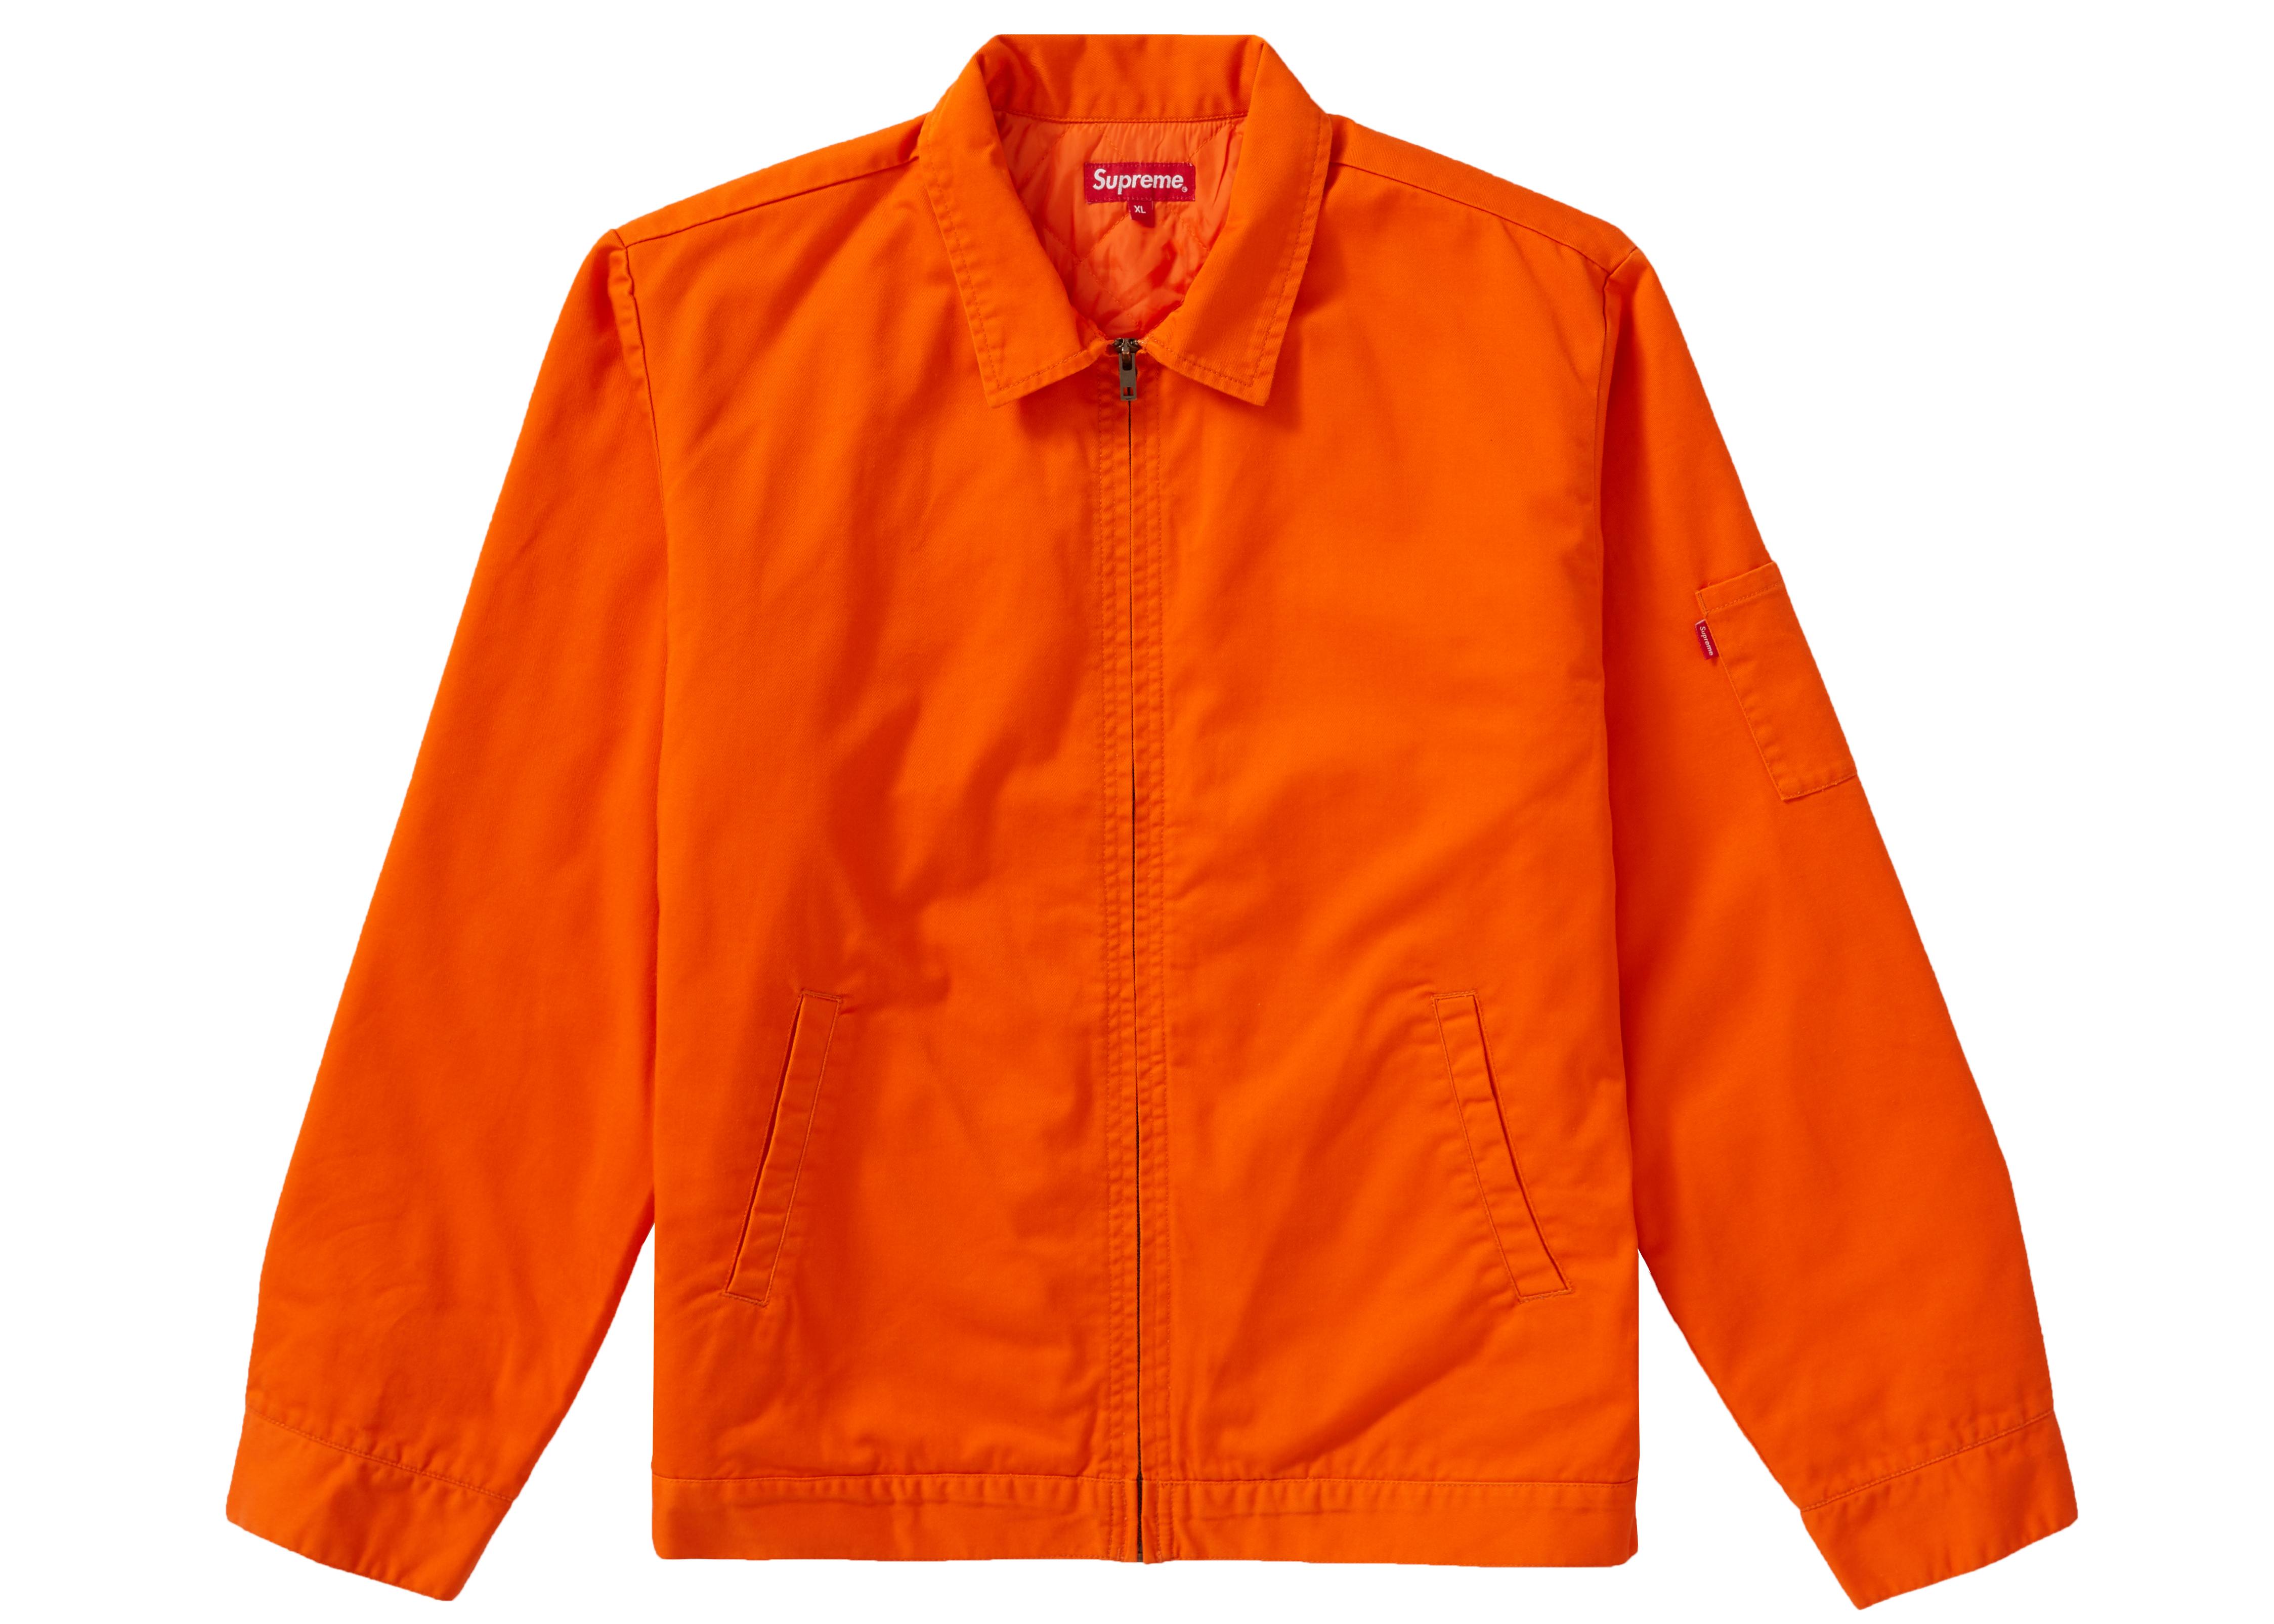 Supreme Cop Car Embroidered Jacket Orange